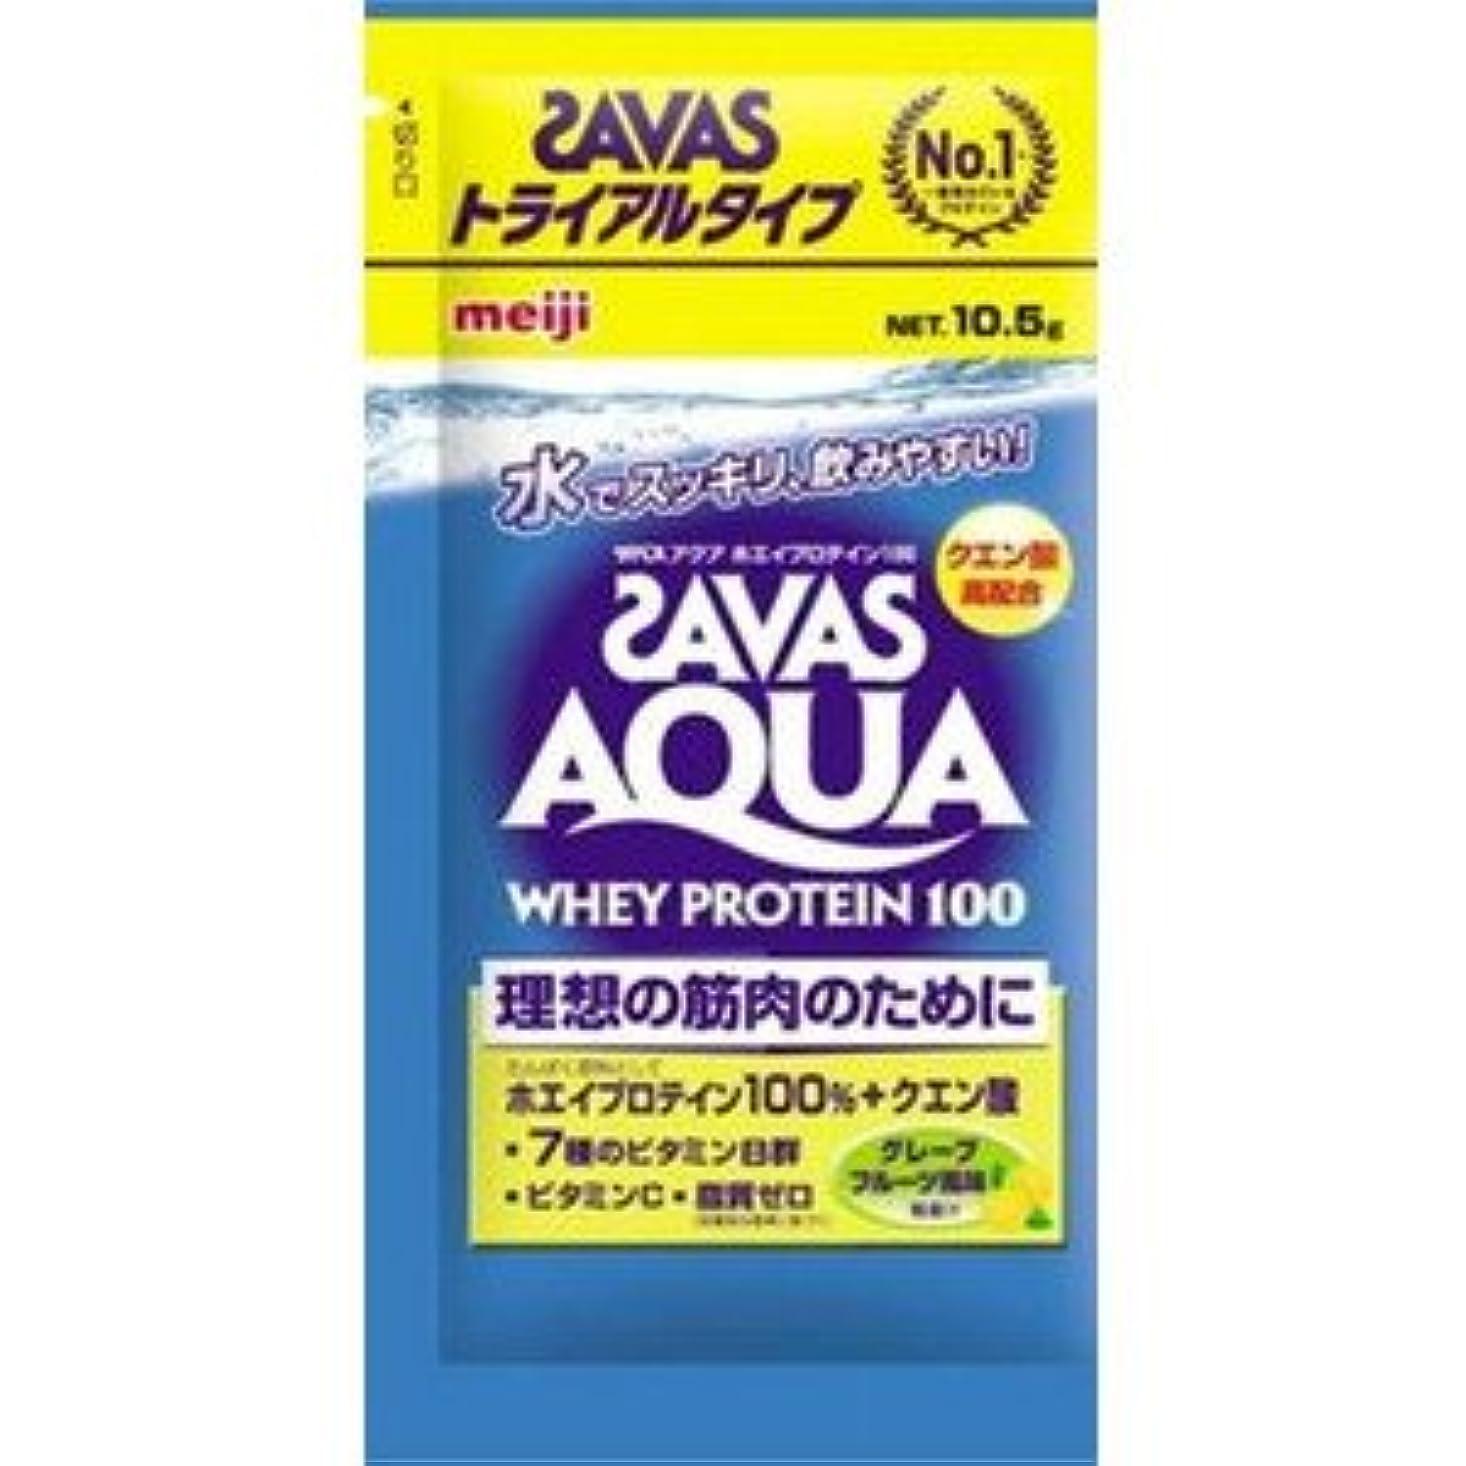 しなやか拍手する相手(ロート製薬)肌研 極潤ヒアルロン洗顔フォーム 100g(お買い得3本セット)